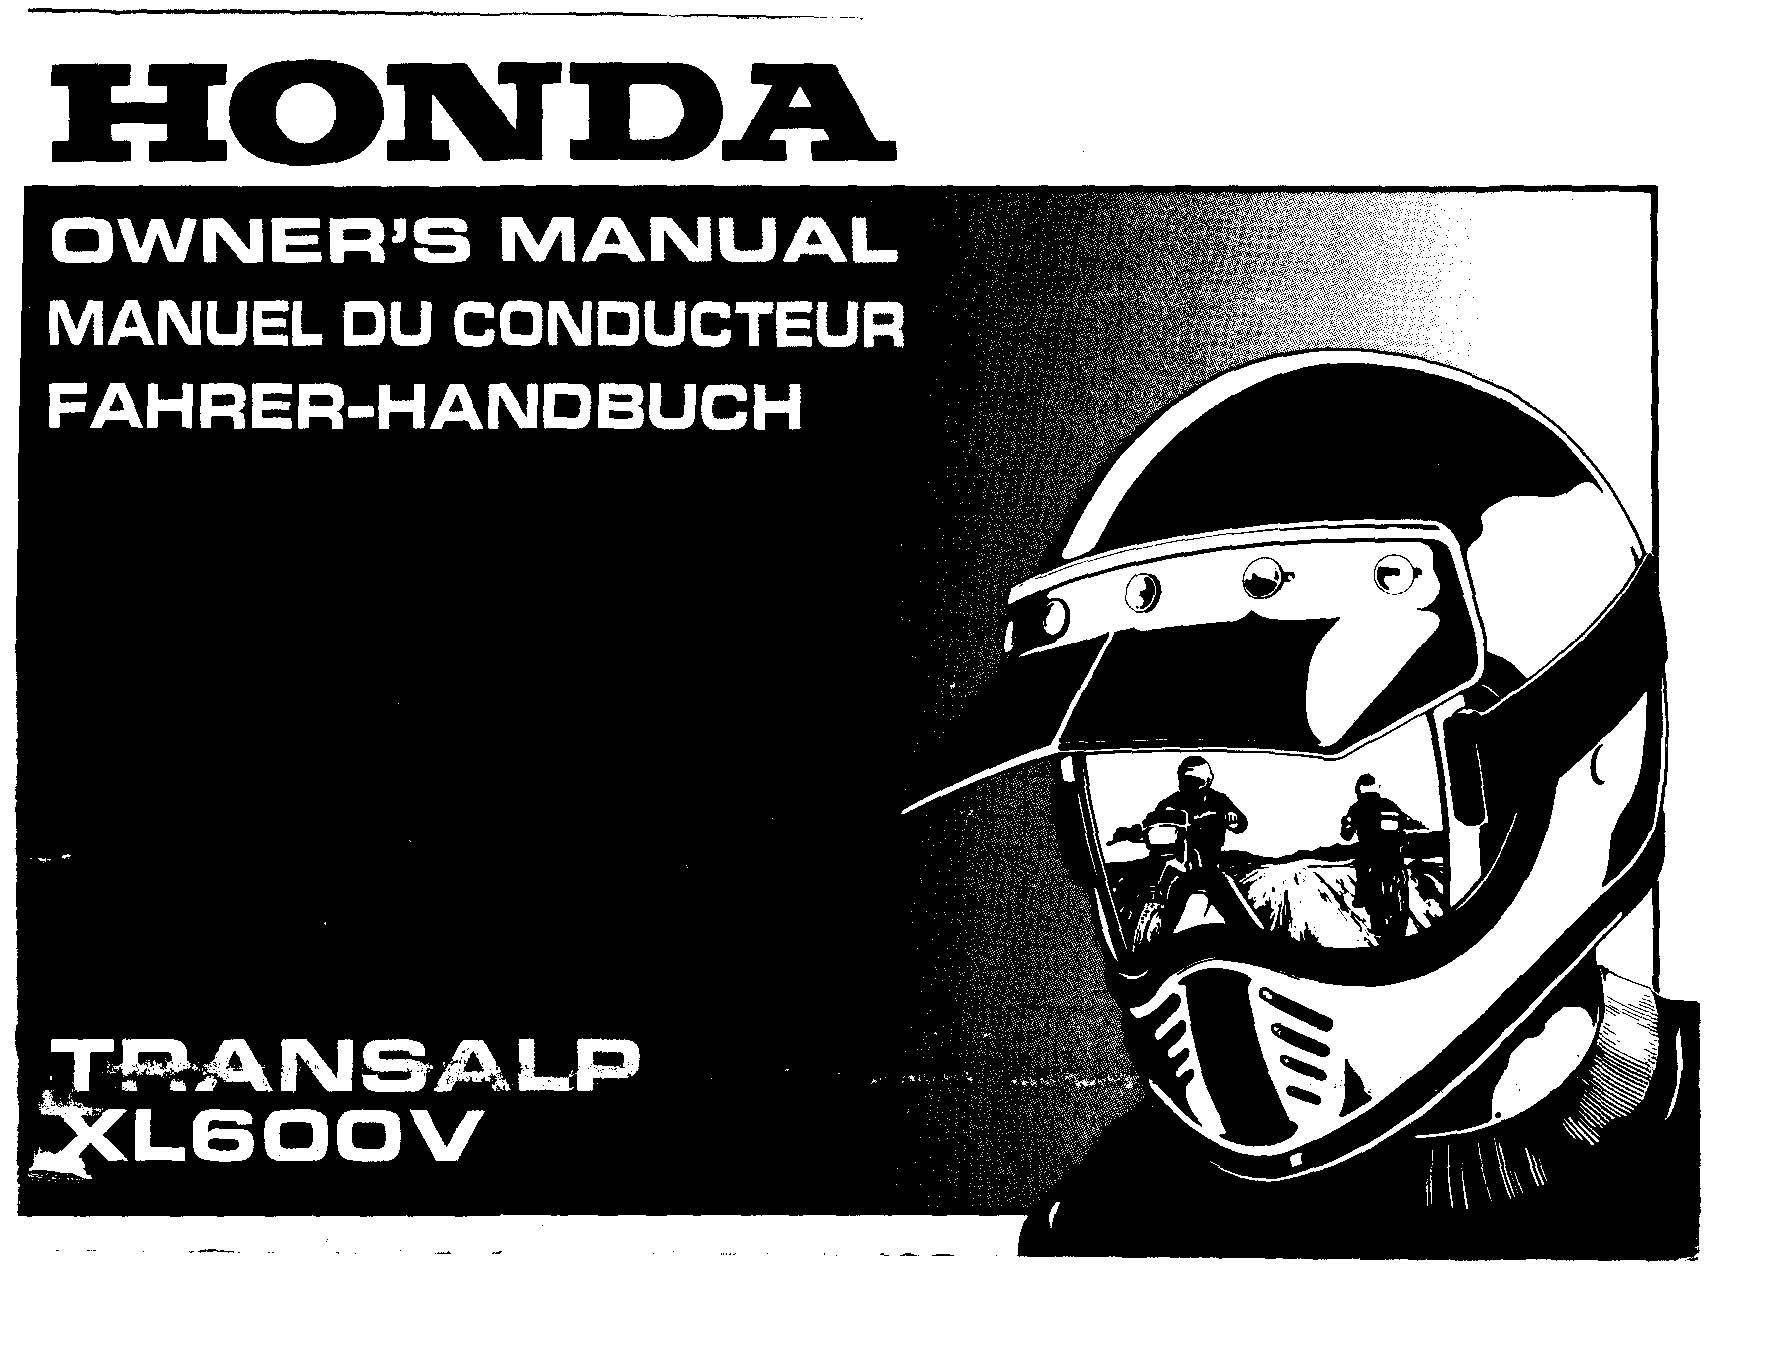 Owner's manual for Honda XL600V Transalp (1995)